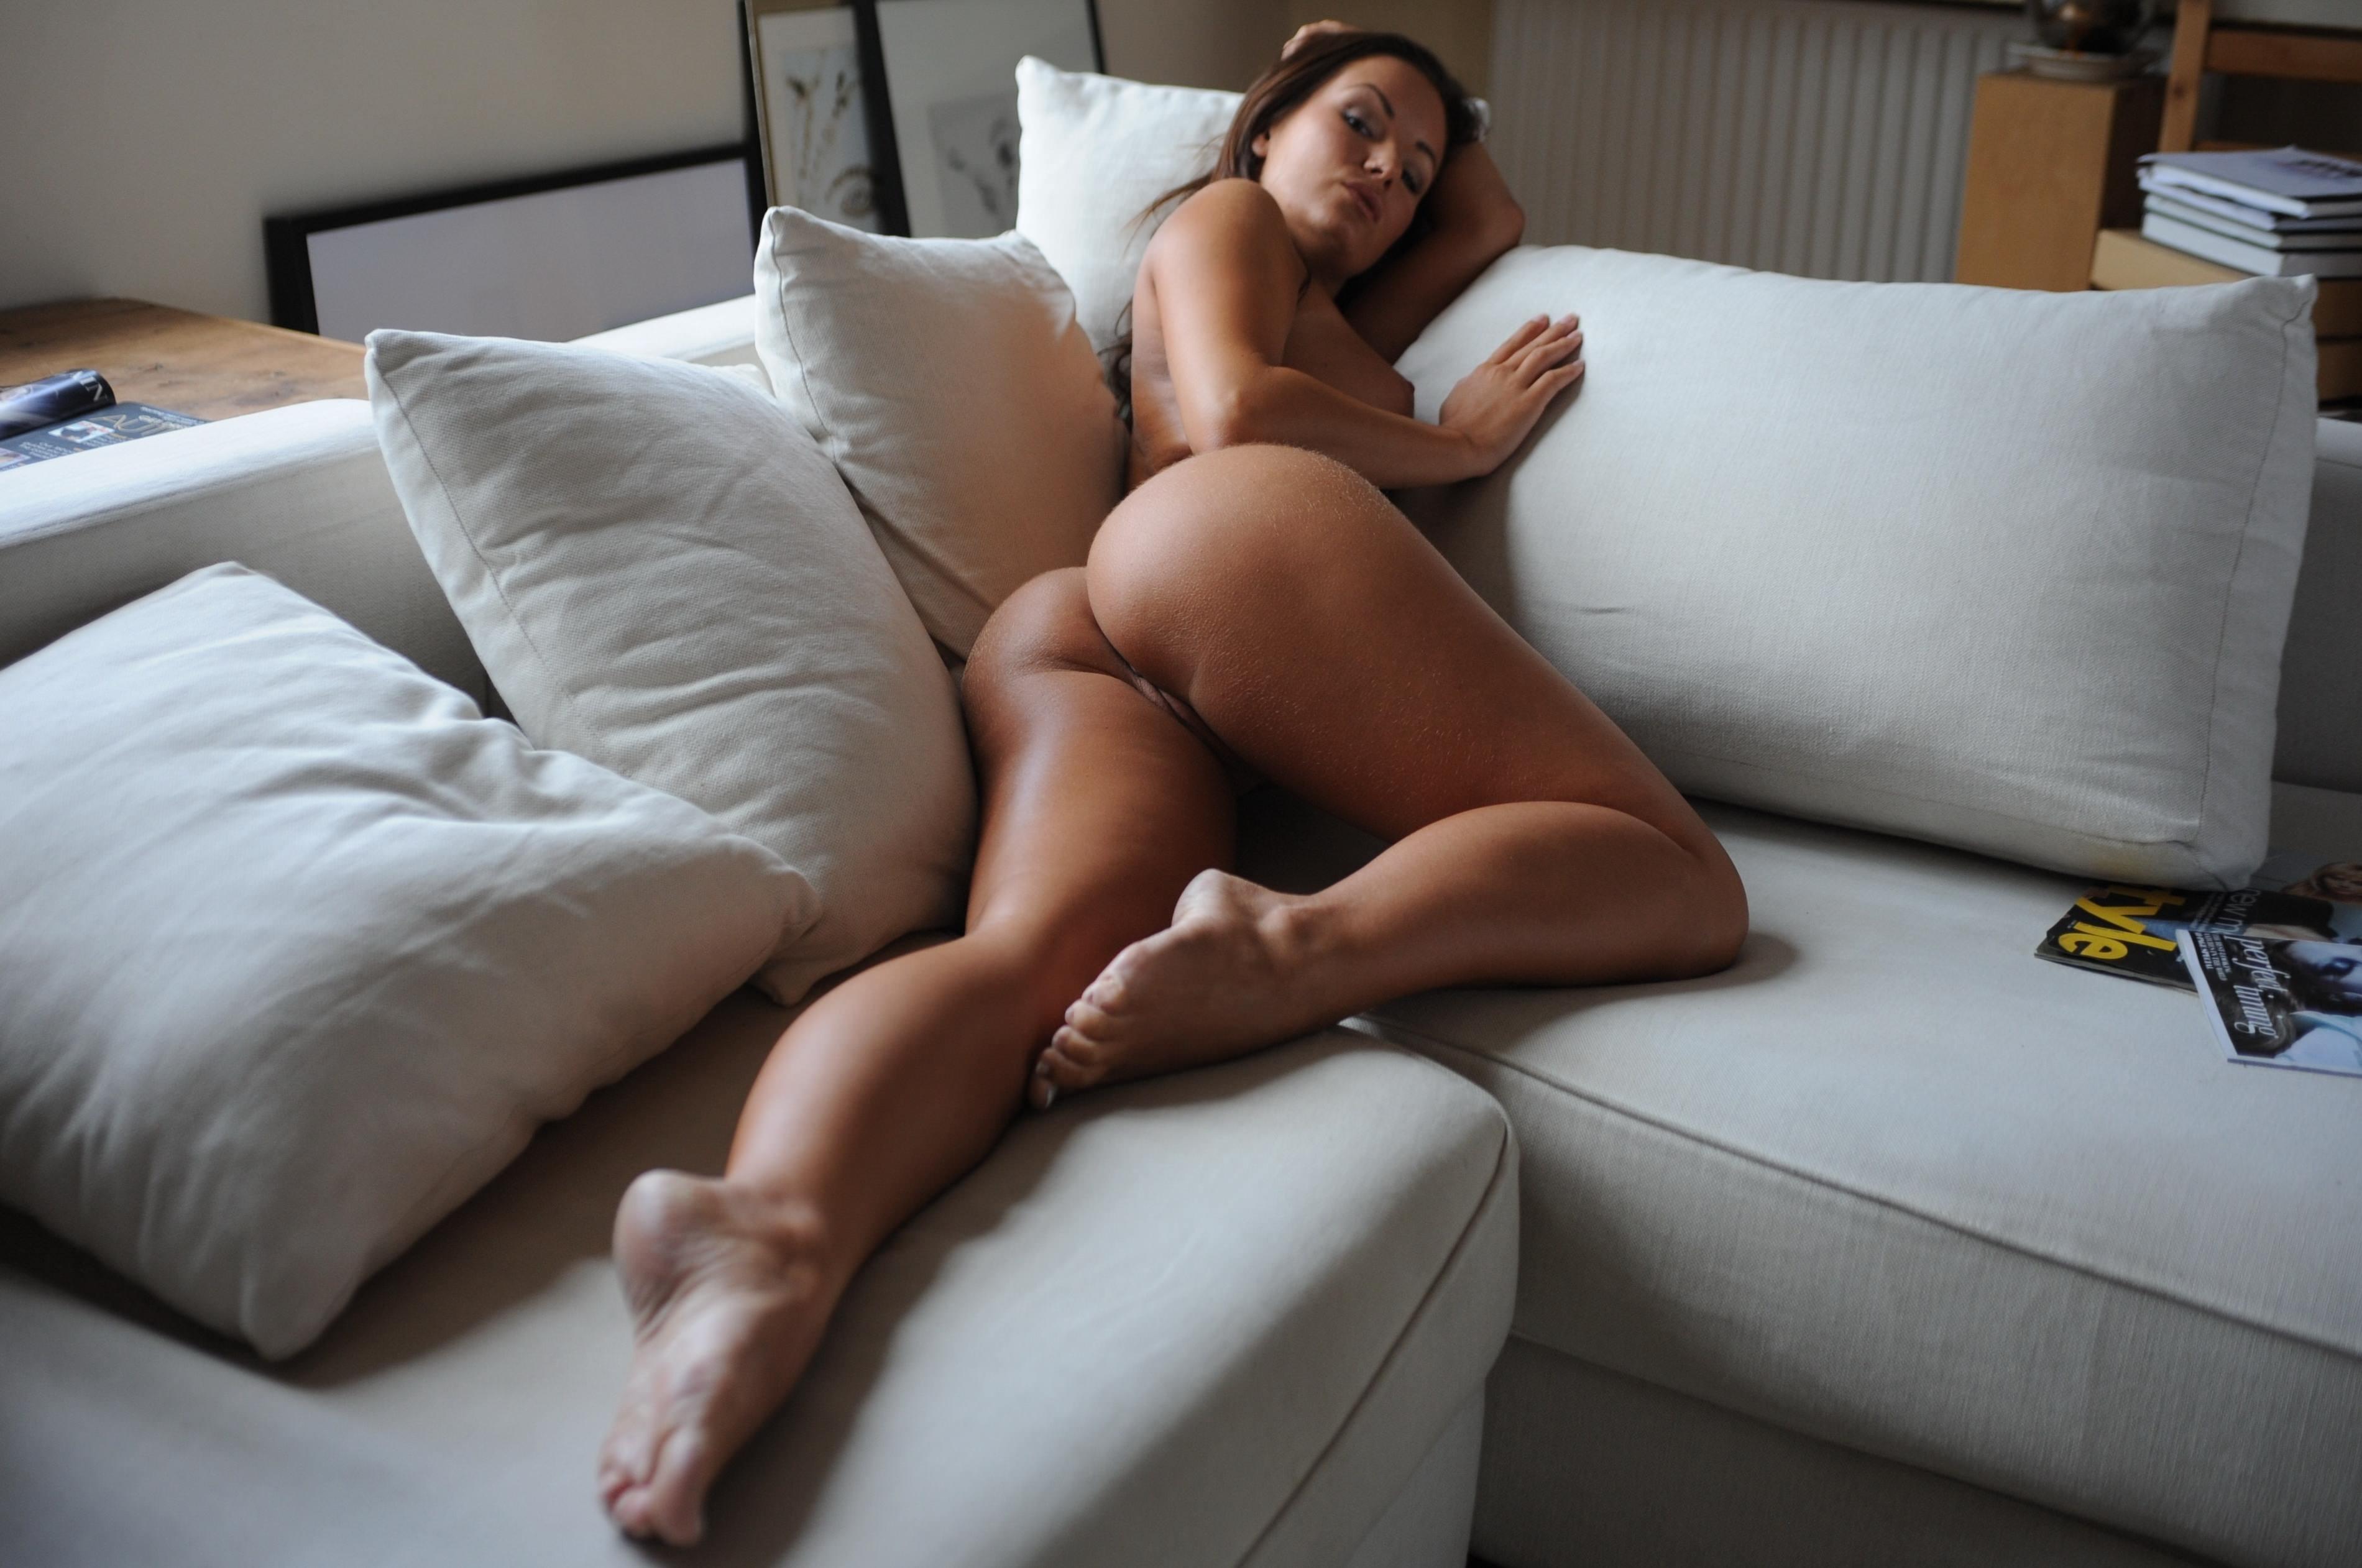 Фото Голая девушка на диване с подушками, сочная задница, скачать картинку бесплатно